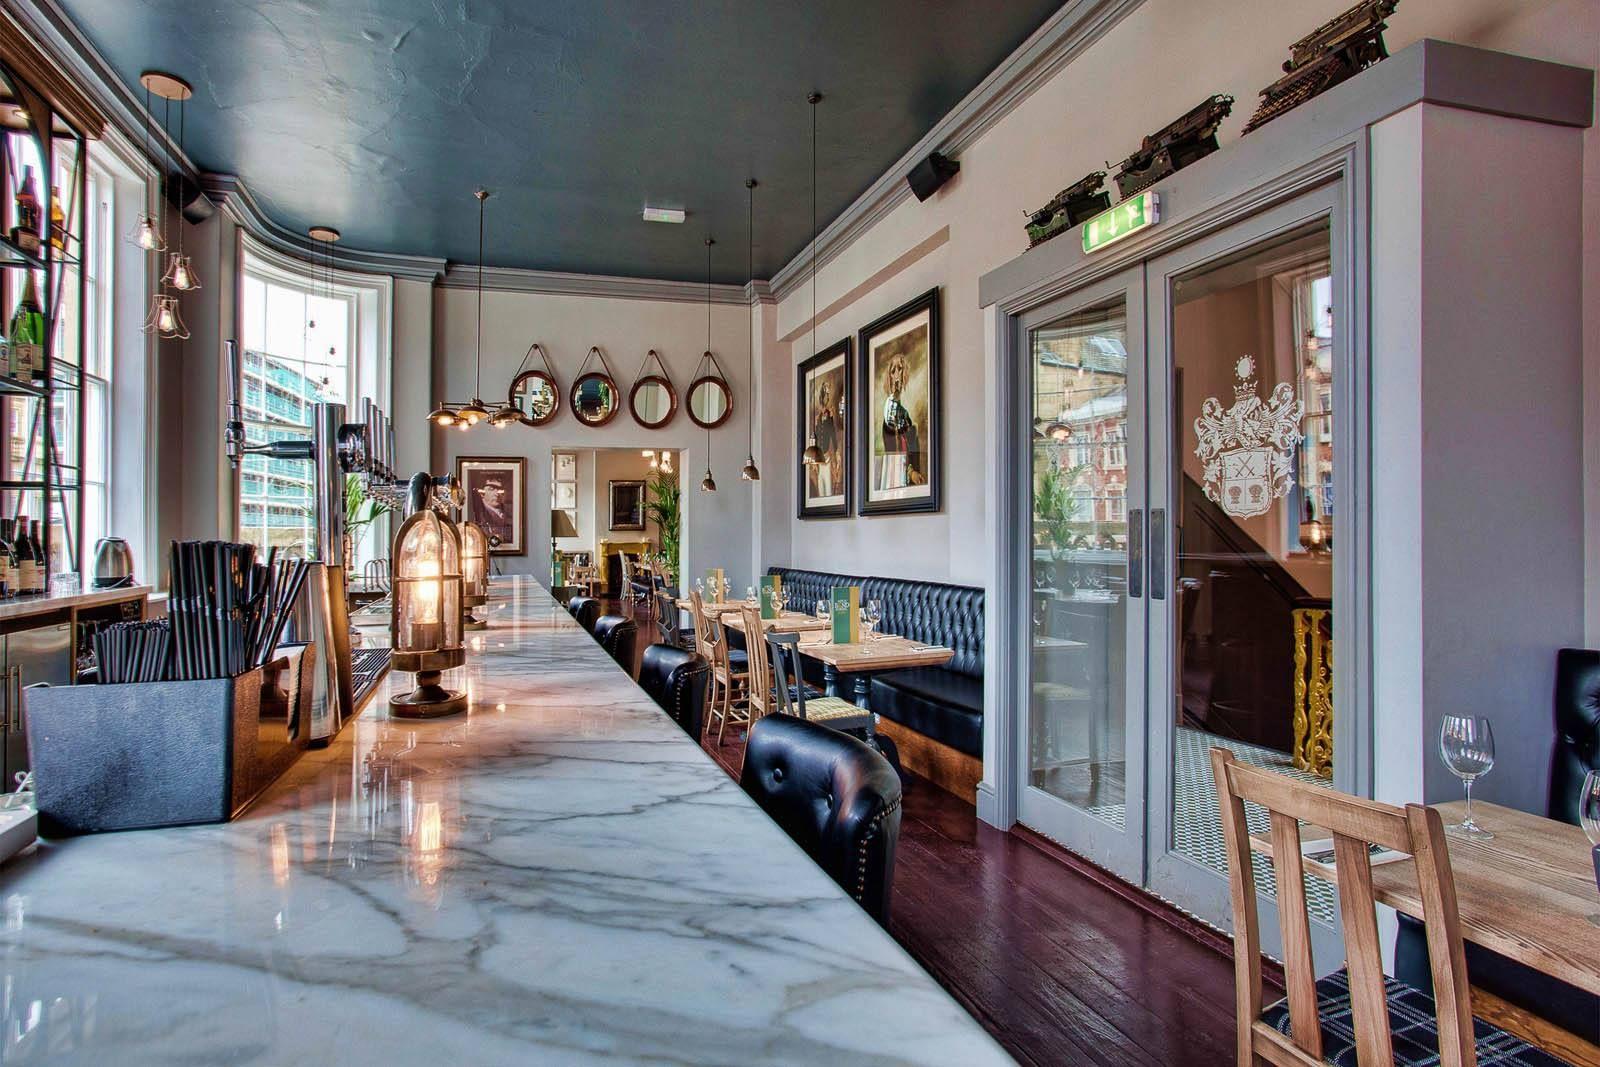 Contemporary Restaurant and Pub Decor by DV8 Designs | thoribuzz.info